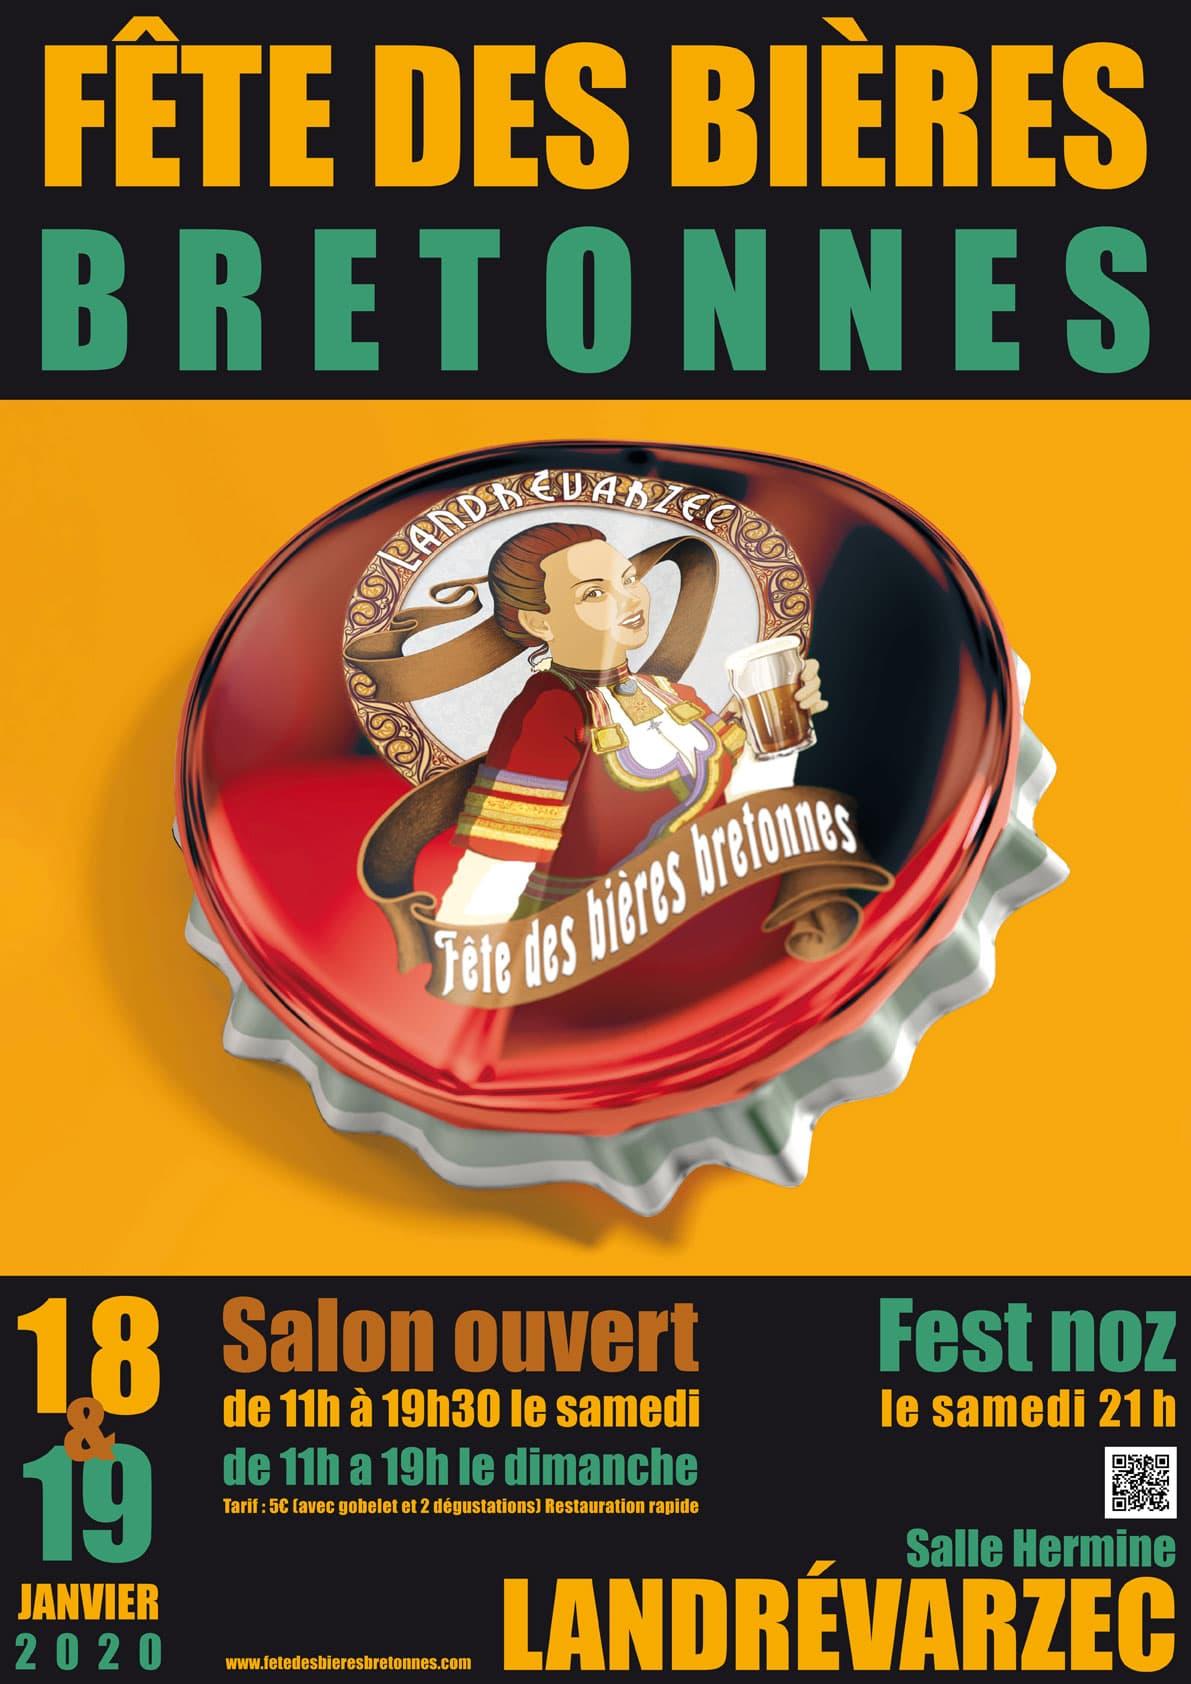 Affiche Fetes Bieres Bretonnes Landrevarzec 4